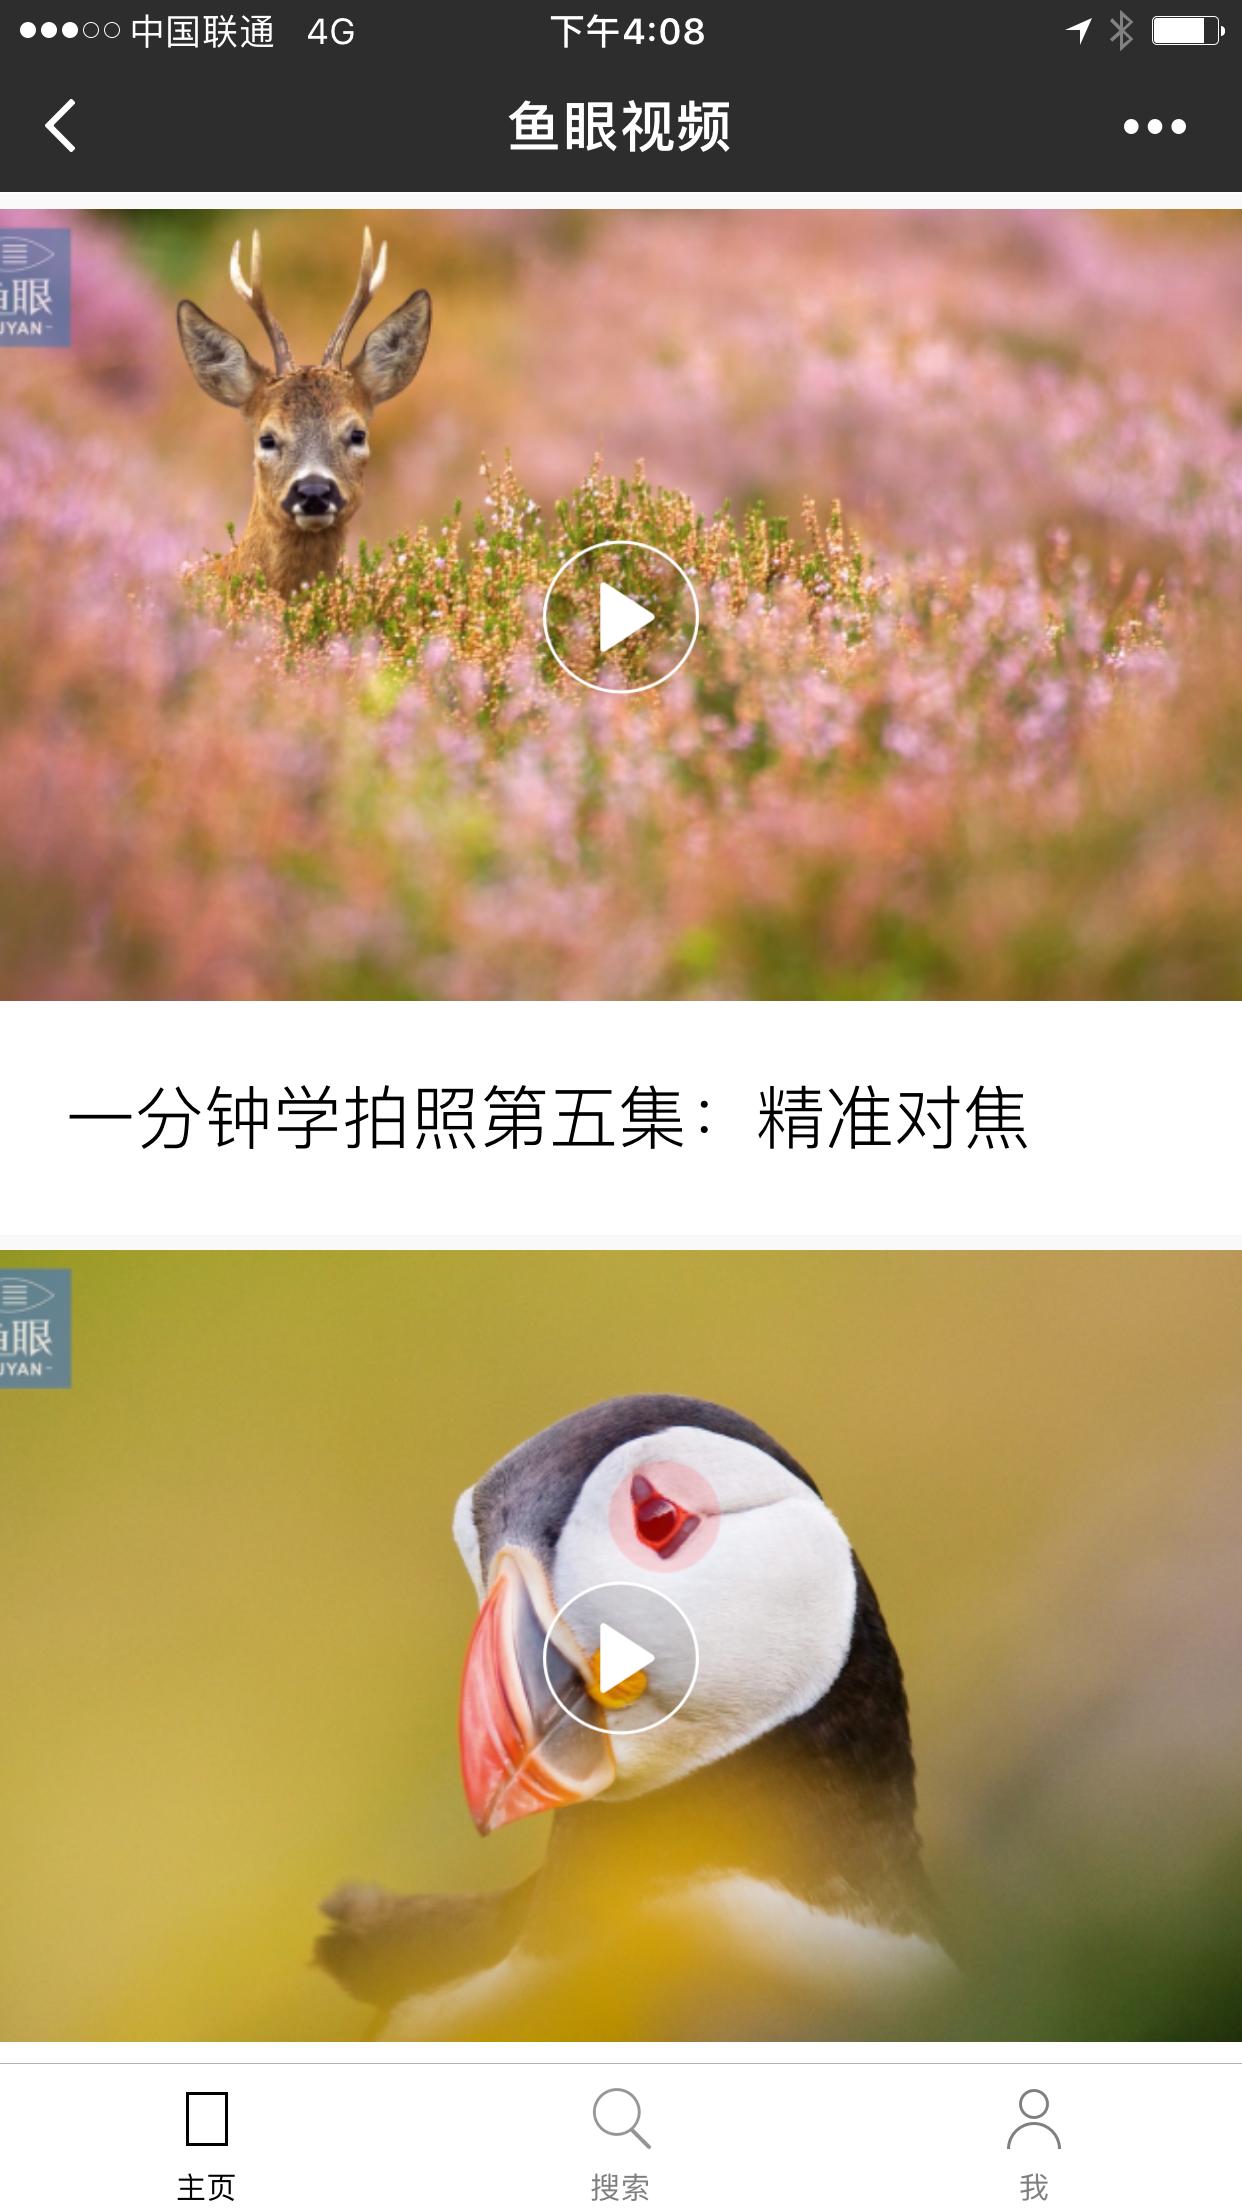 鱼眼视频V小程序